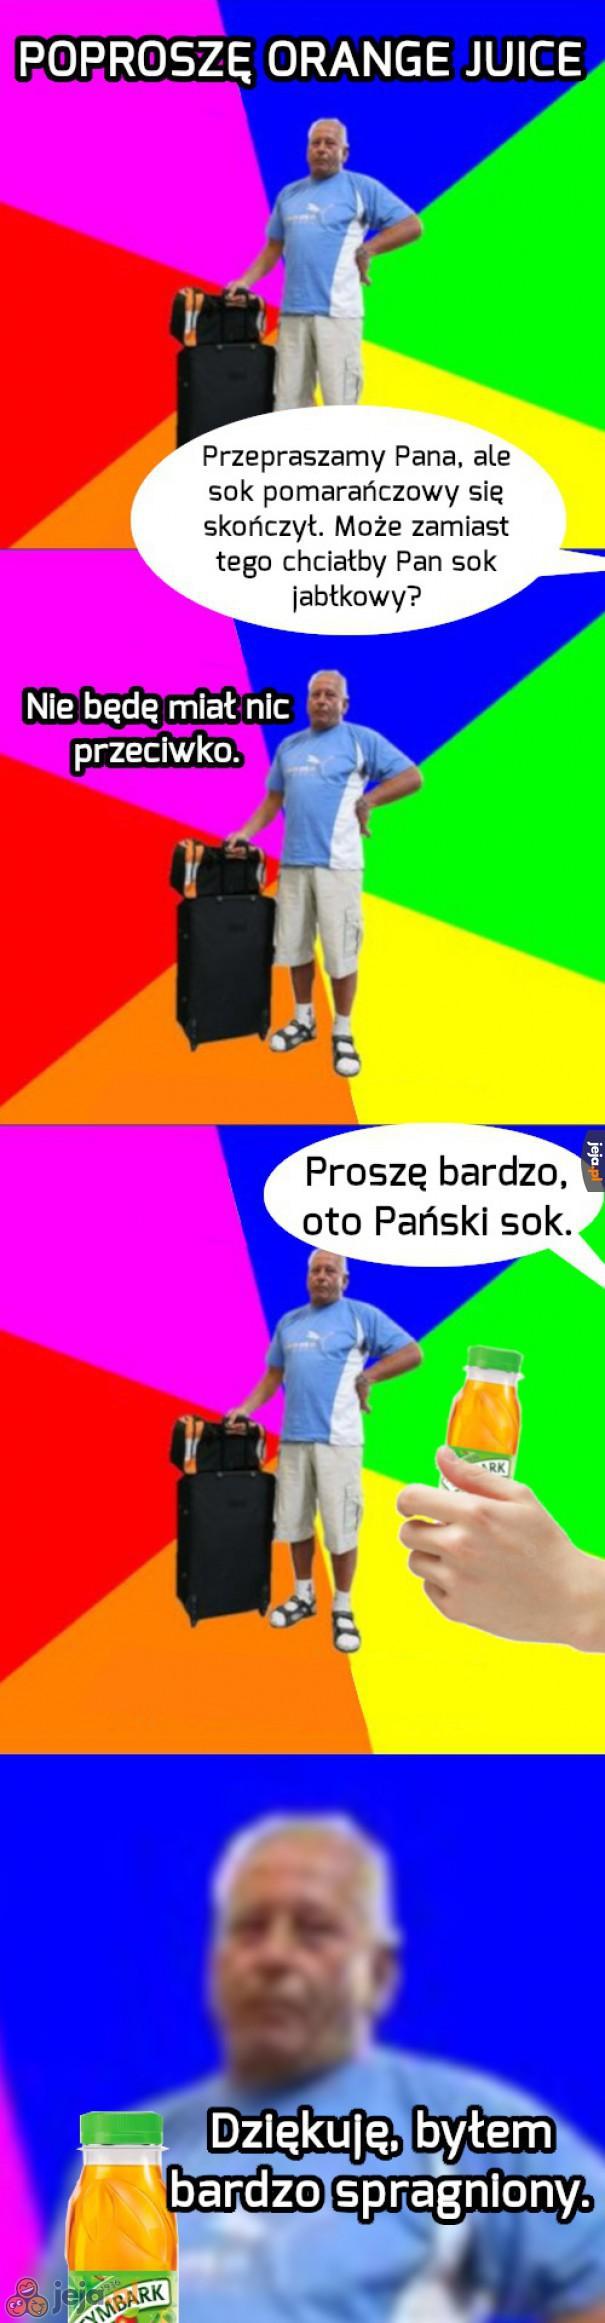 Prawdziwy lingwista z tego Janusza